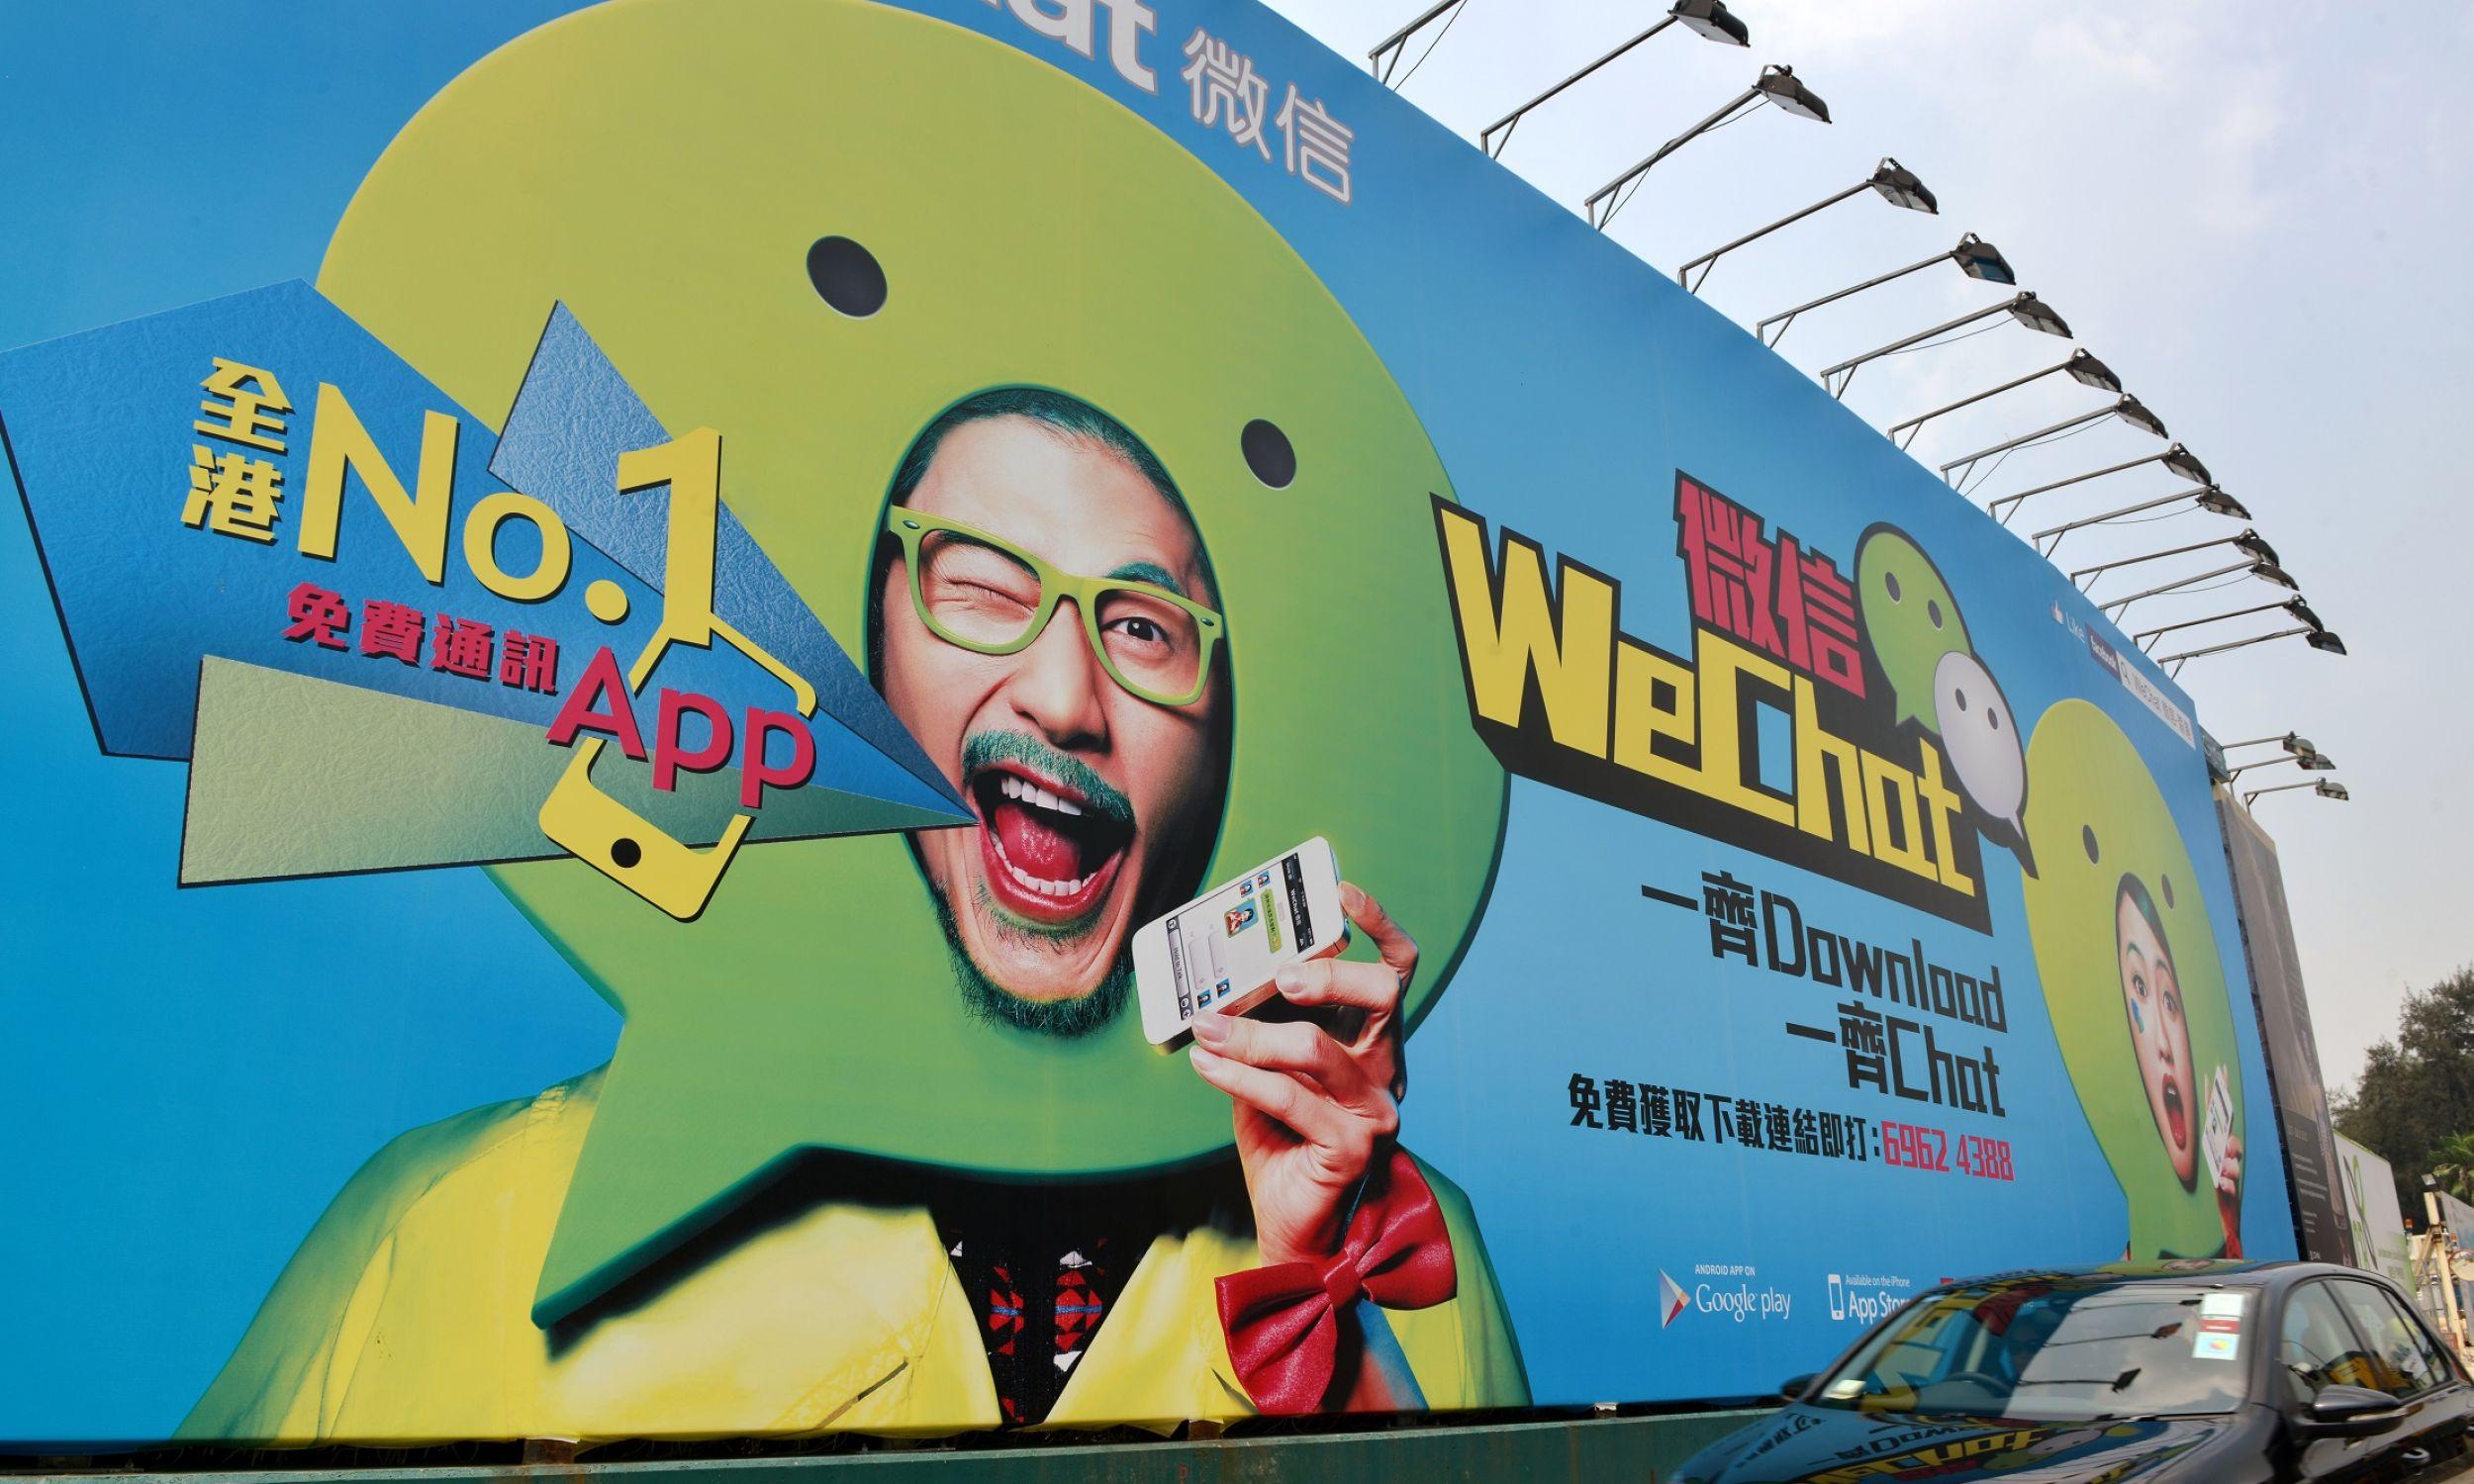 Billboard reklamujący WeChat w 2012 r. w Cross-Harbour Tunnel po stronie wyspy Hongkong, czyli przy jednej z najbardziej zatłoczonych dróg w Hongkongu i na świecie. WeChat – chiński komunikator internetowy i portal społecznościowy – do 2017 roku był najpopularniejszym komunikatorem świata z ponad 950 mln aktywnych użytkowników. Wyprzedził go Facebook Messenger, ale wciąż jest znany jako najbardziej innowacyjna i wszechstronna aplikacja na świecie. Fot. Thomas Yau / South China Morning Post via Getty Images